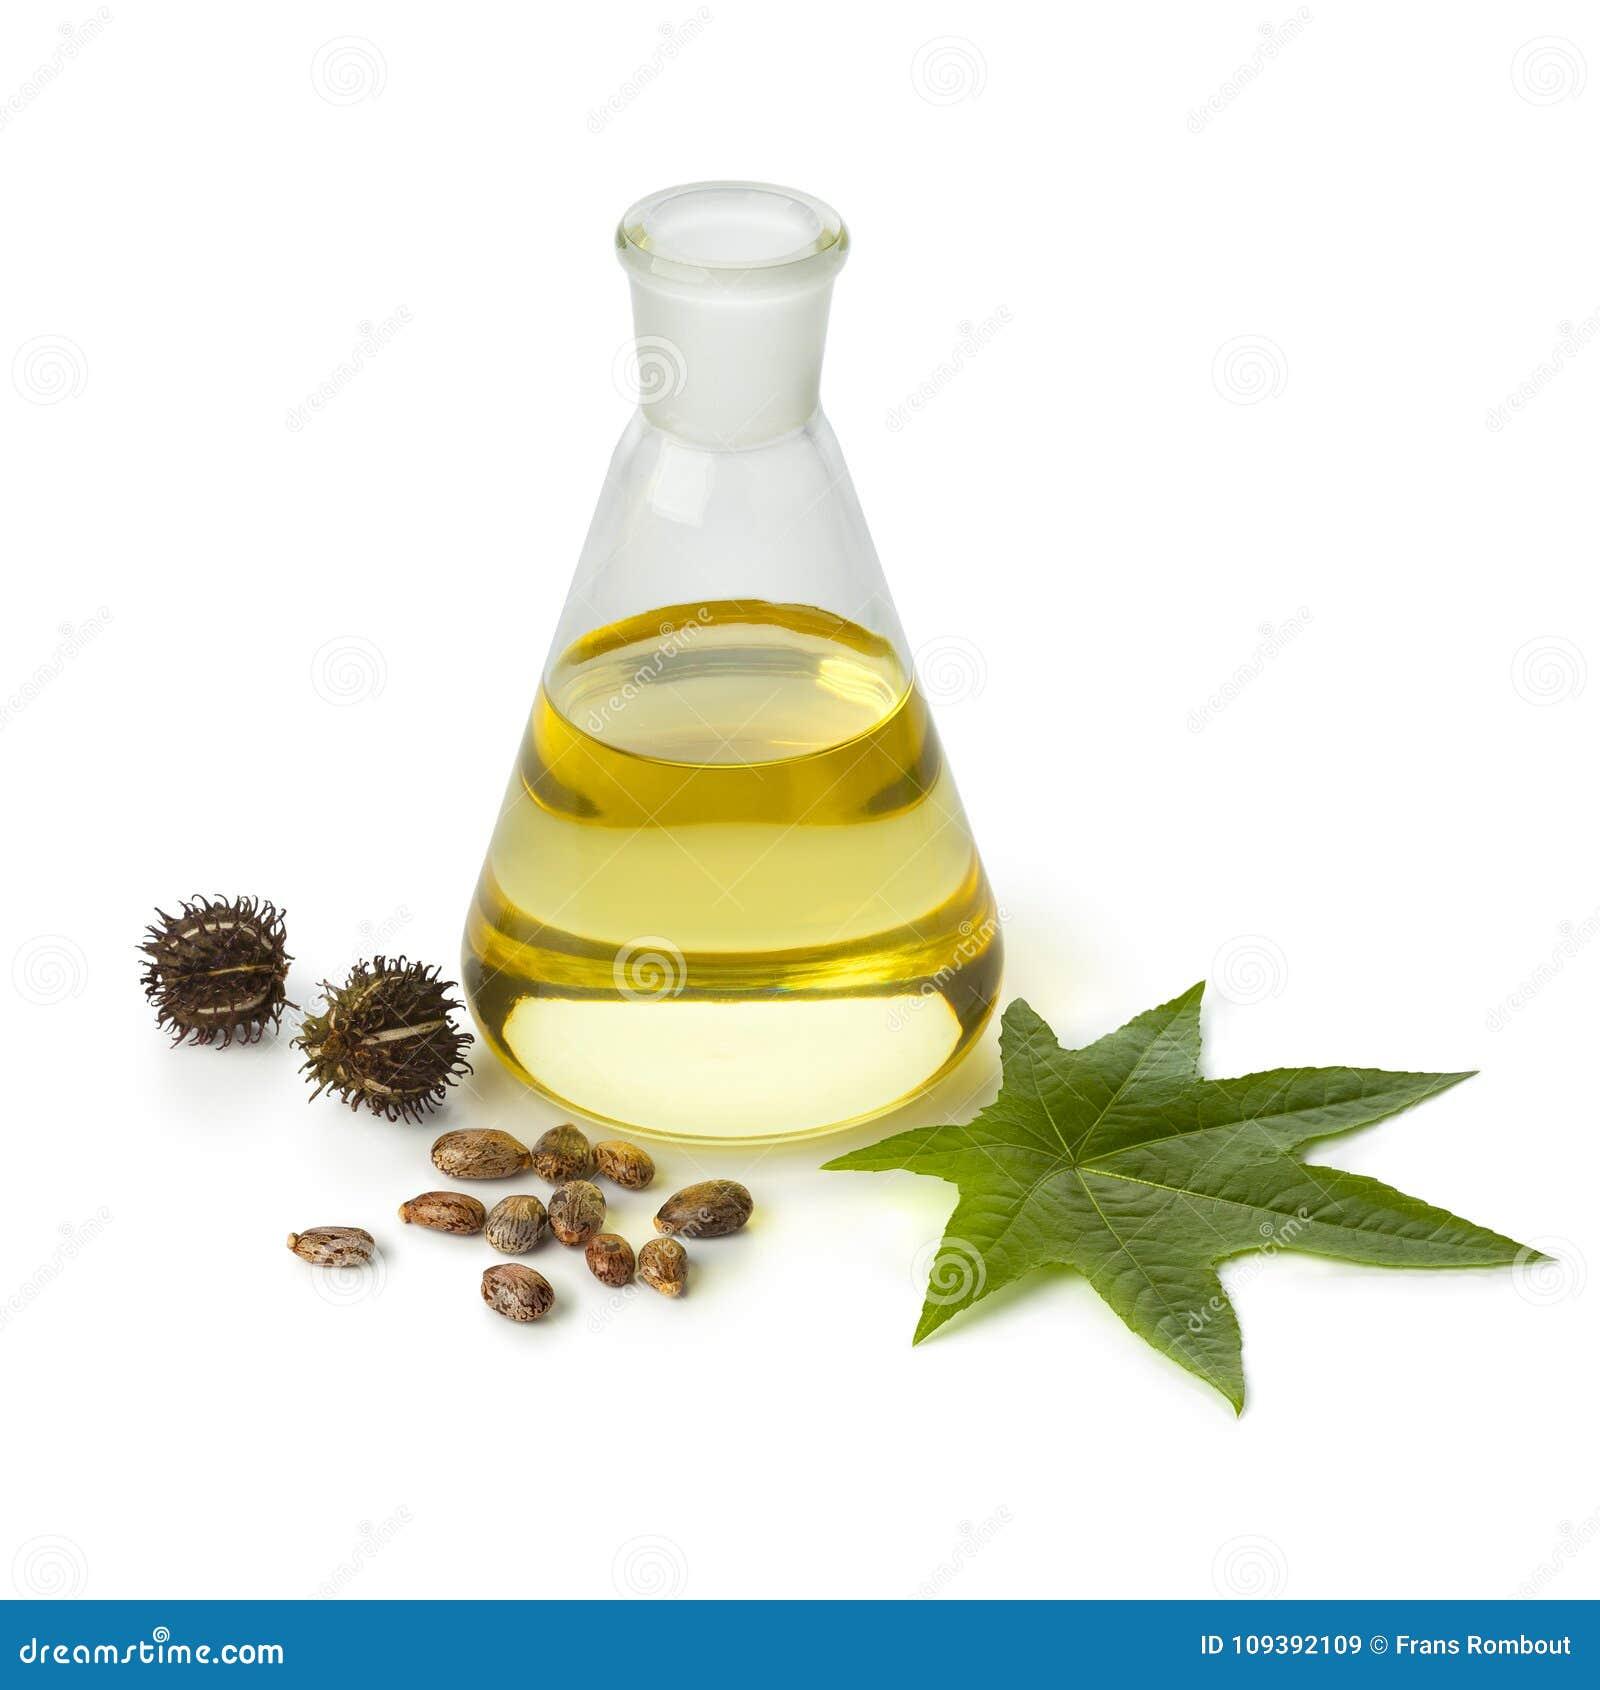 Botlle rycynowy - oliwi z owoc, ziarnami i liściem,